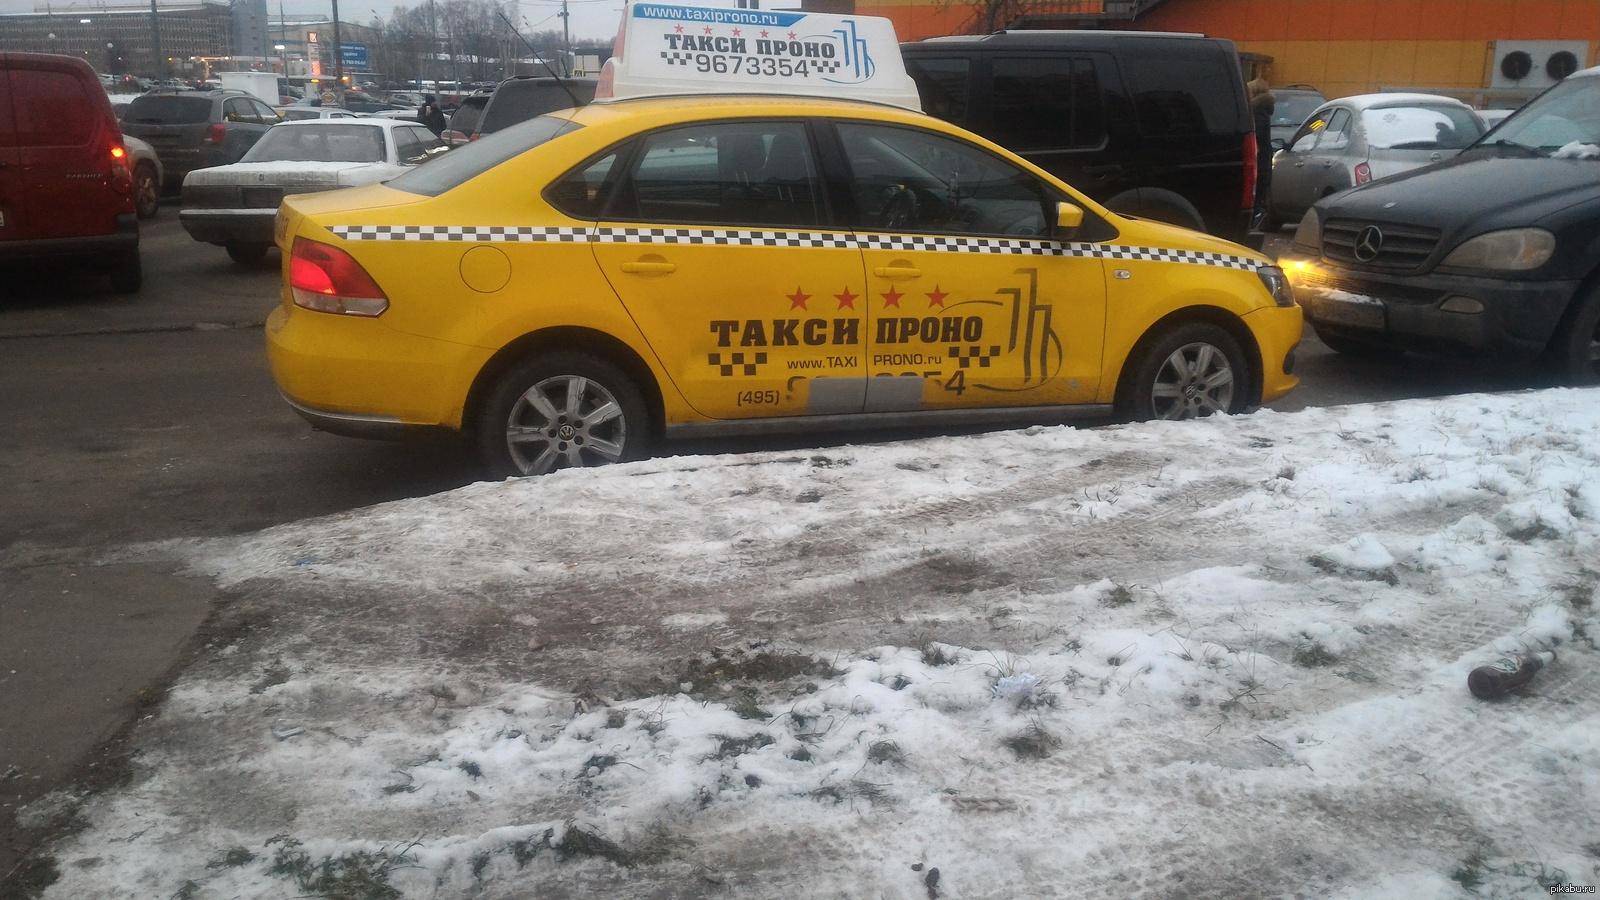 Фак такси секс, FakeTaxi - смотреть порно онлайн в HD 12 фотография